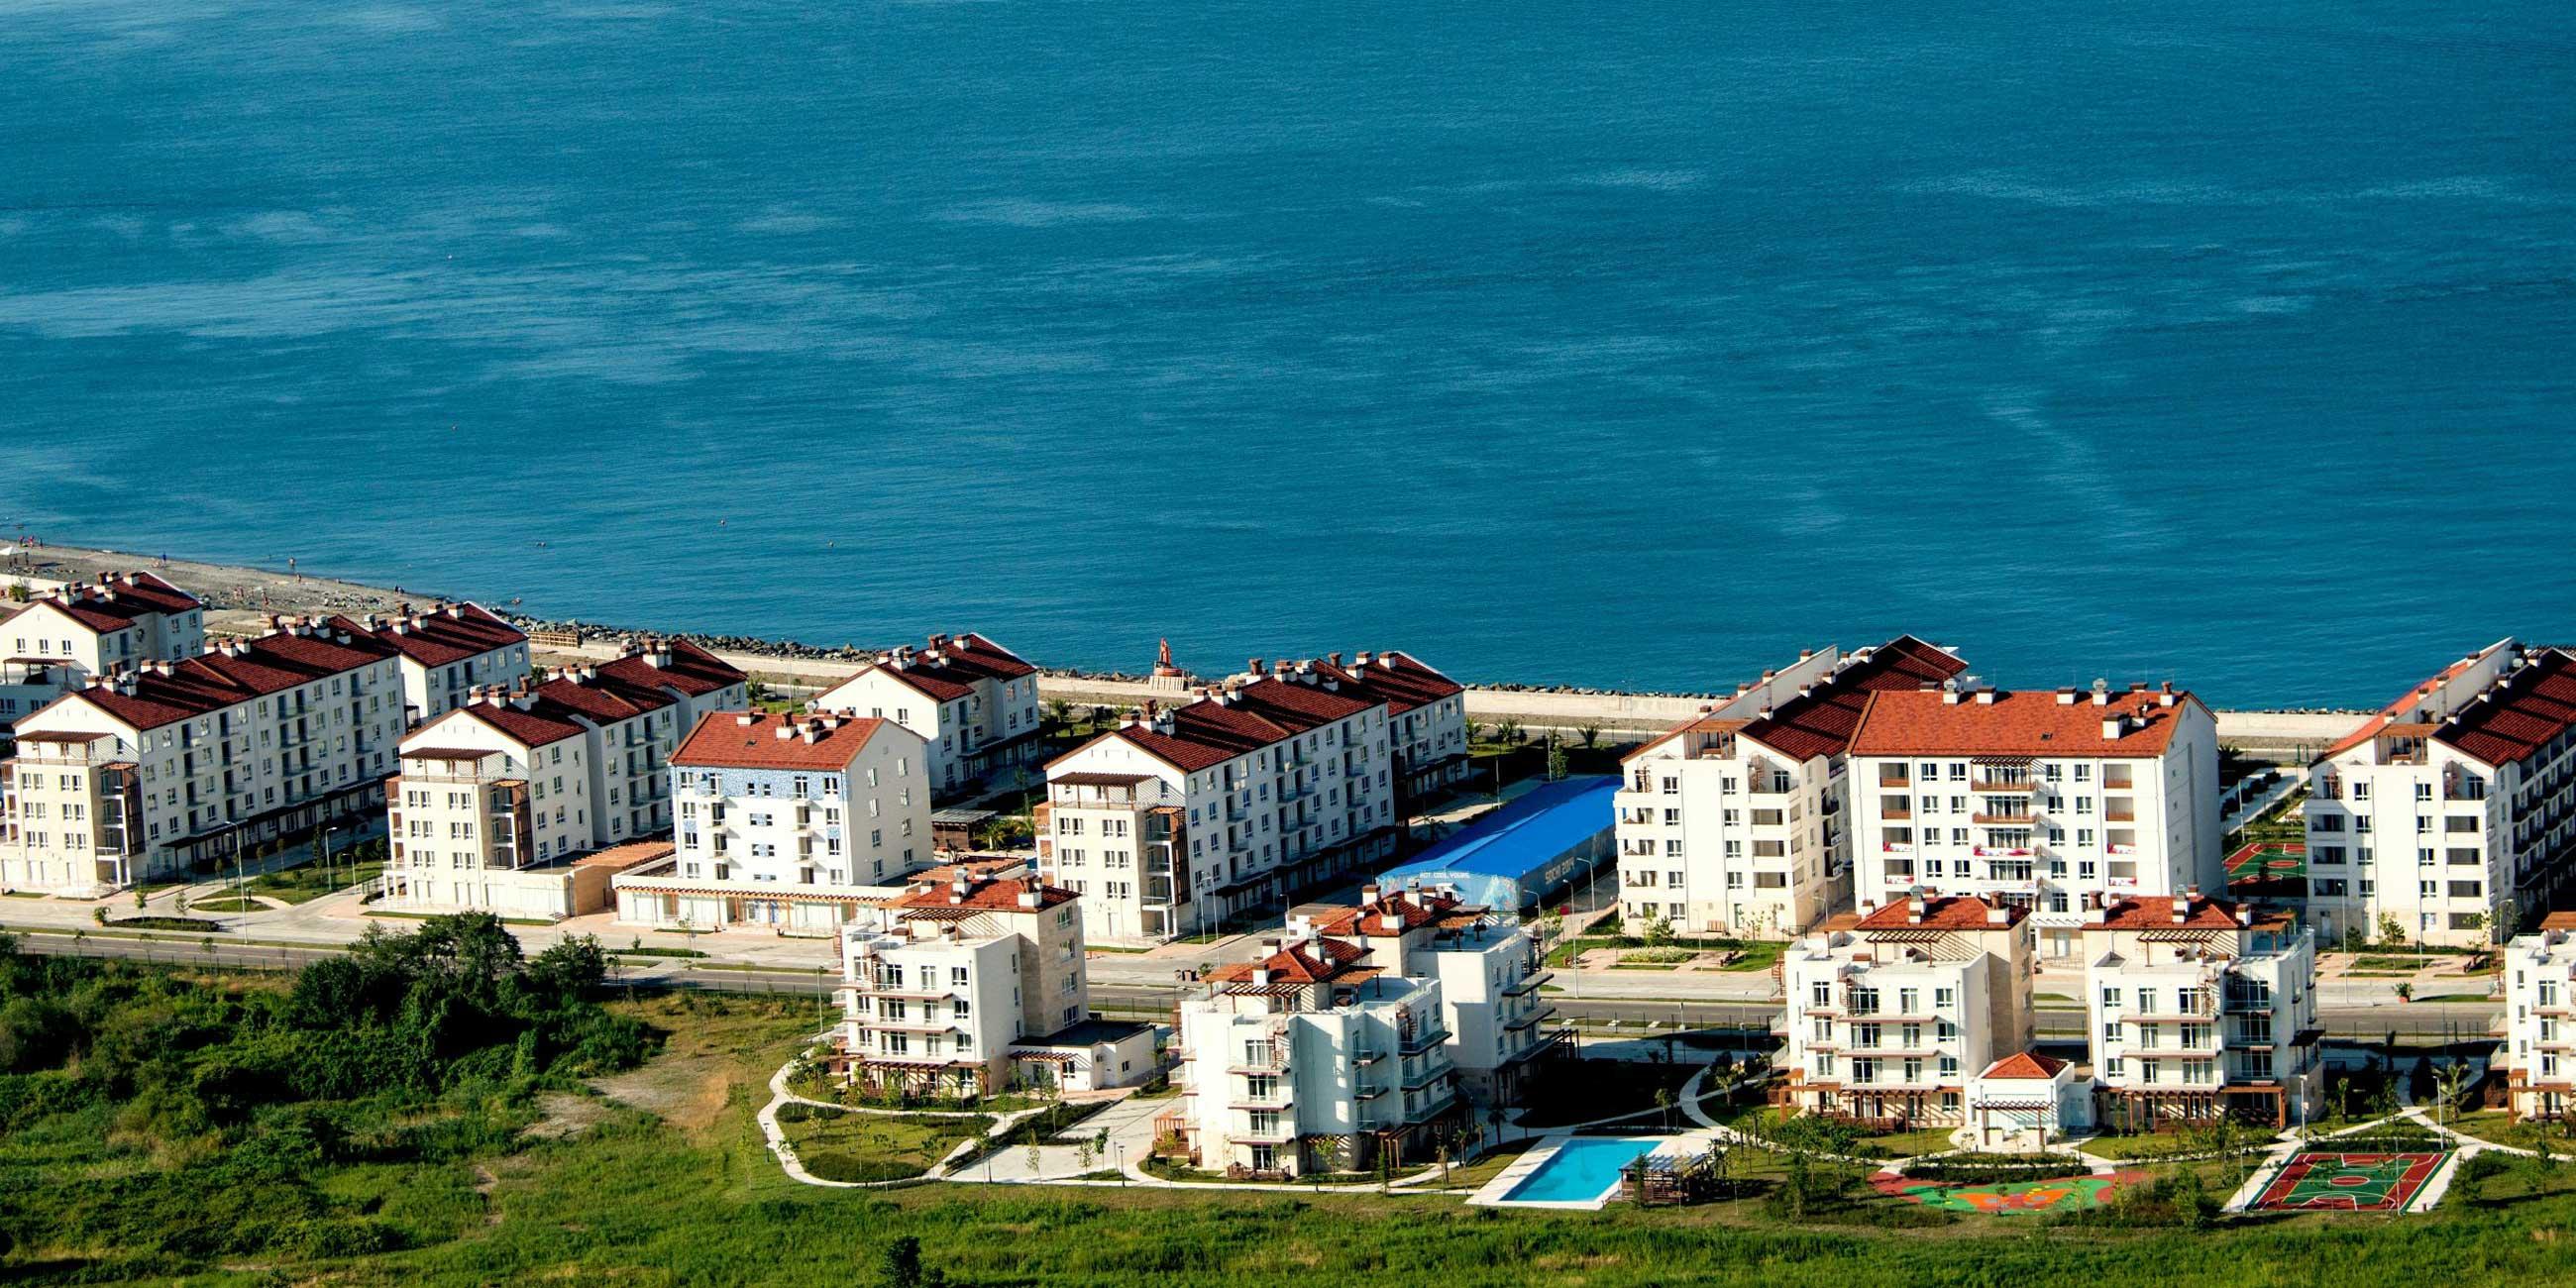 Олимпийская деревня удачно расположена: у самого моря, с видом на горы и рядом со спортивными объектами.Фото: globallookpress.com